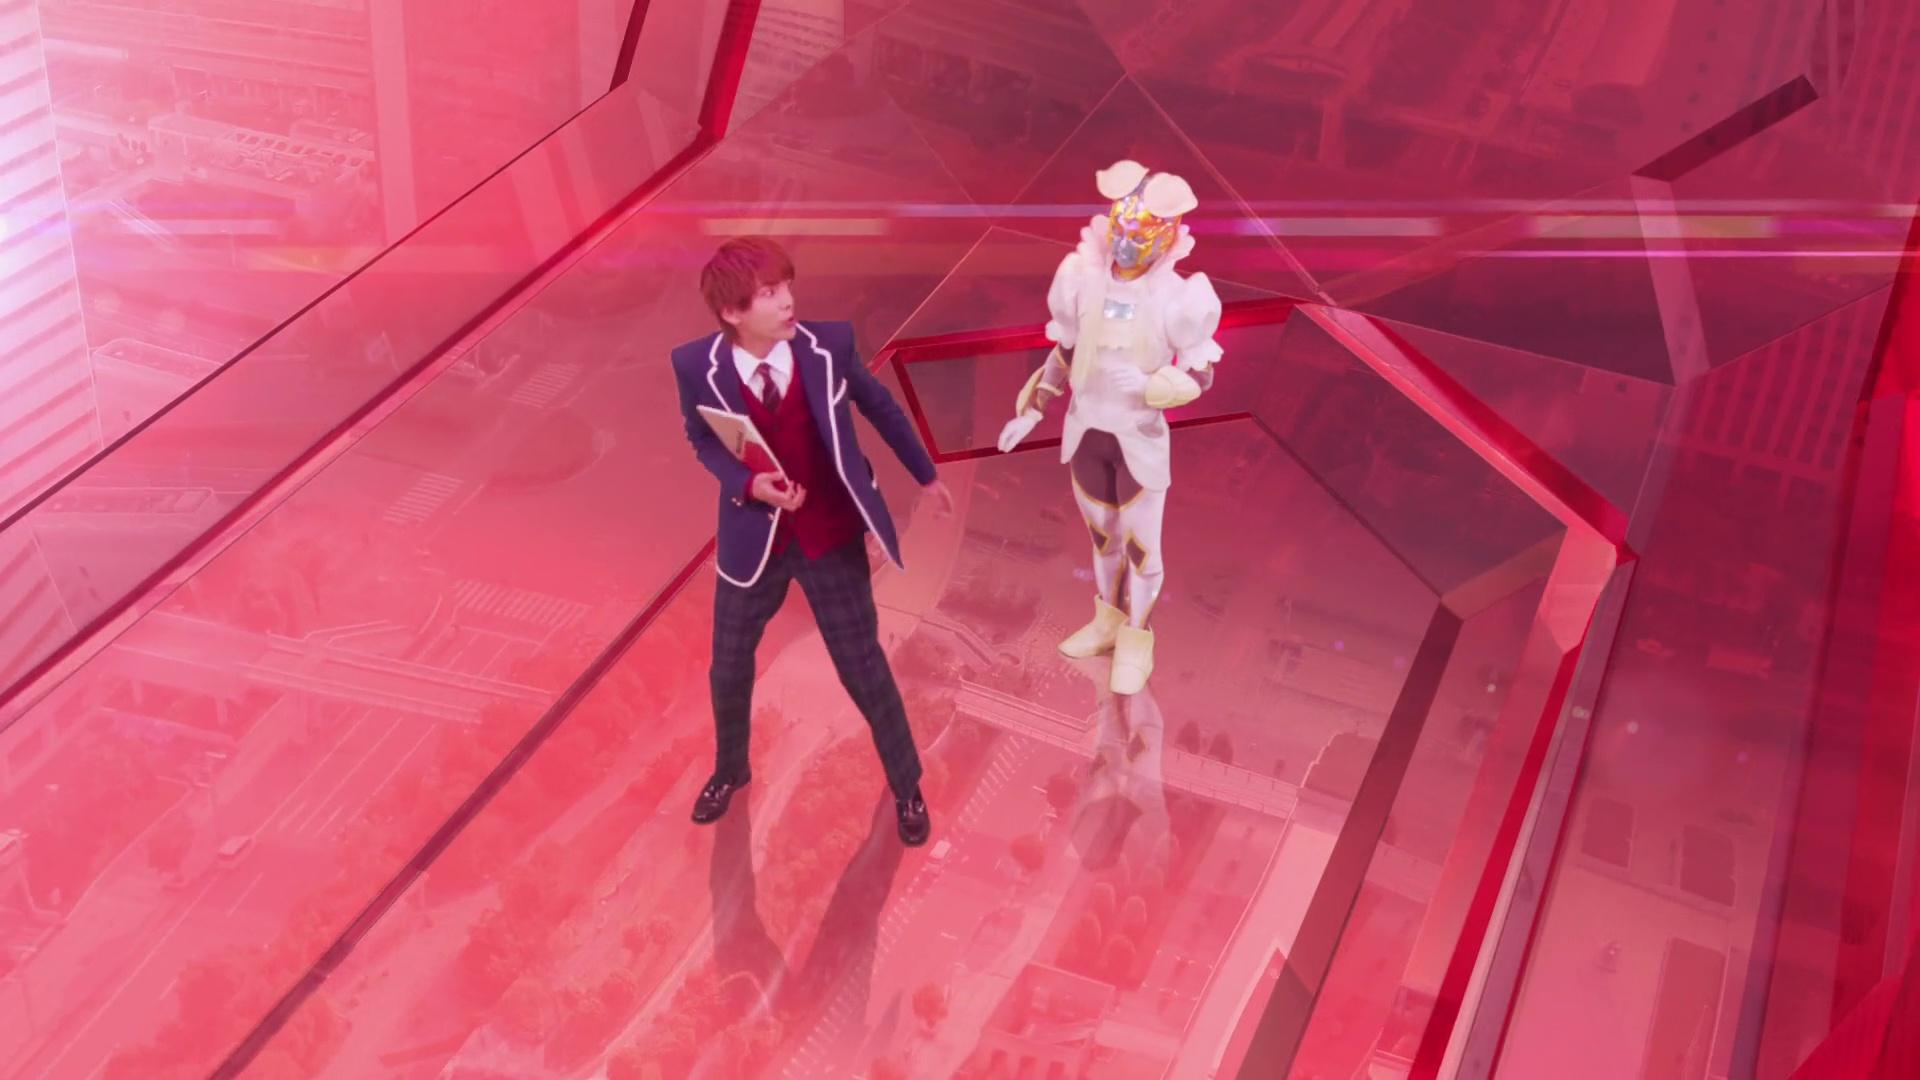 Mashin Sentai Kiramager Episode 1 Recap